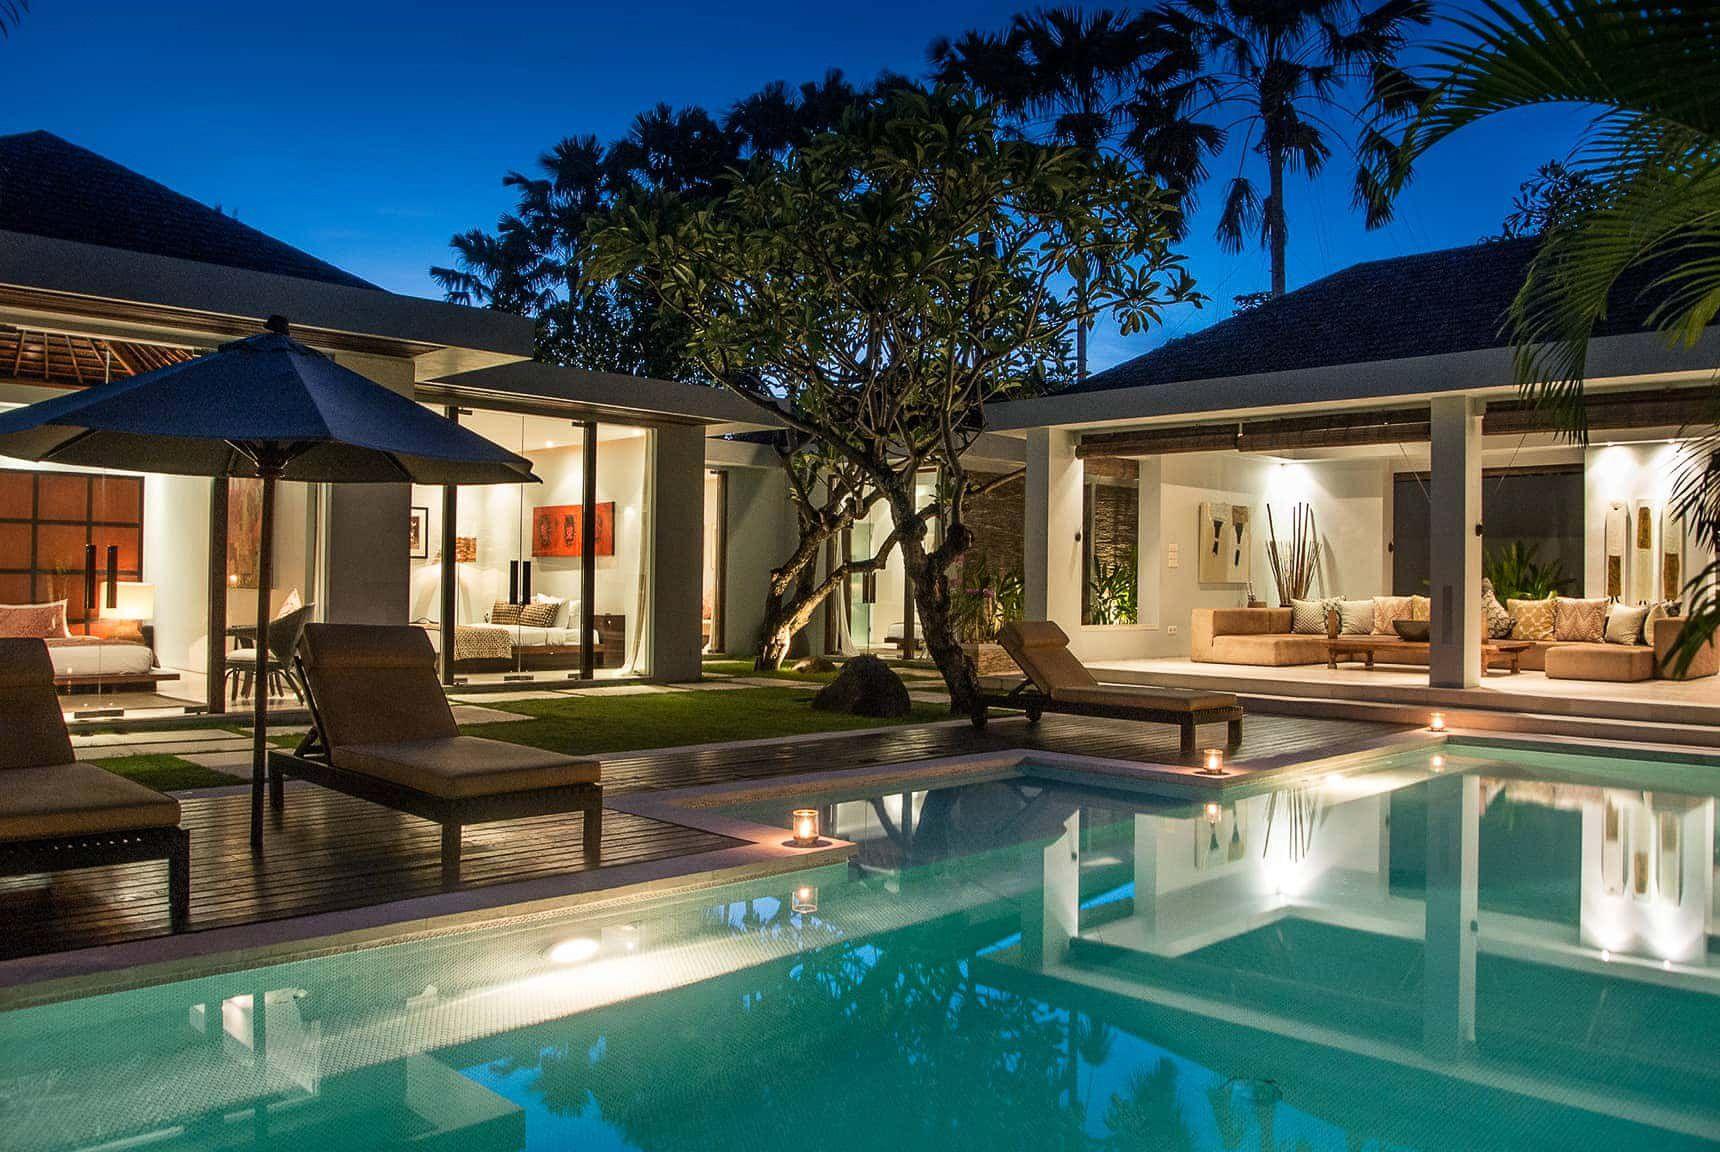 Bali Villa Photography Kembali Villas Pool Views Night Time Lighting Bali House Hawaii Homes Villa